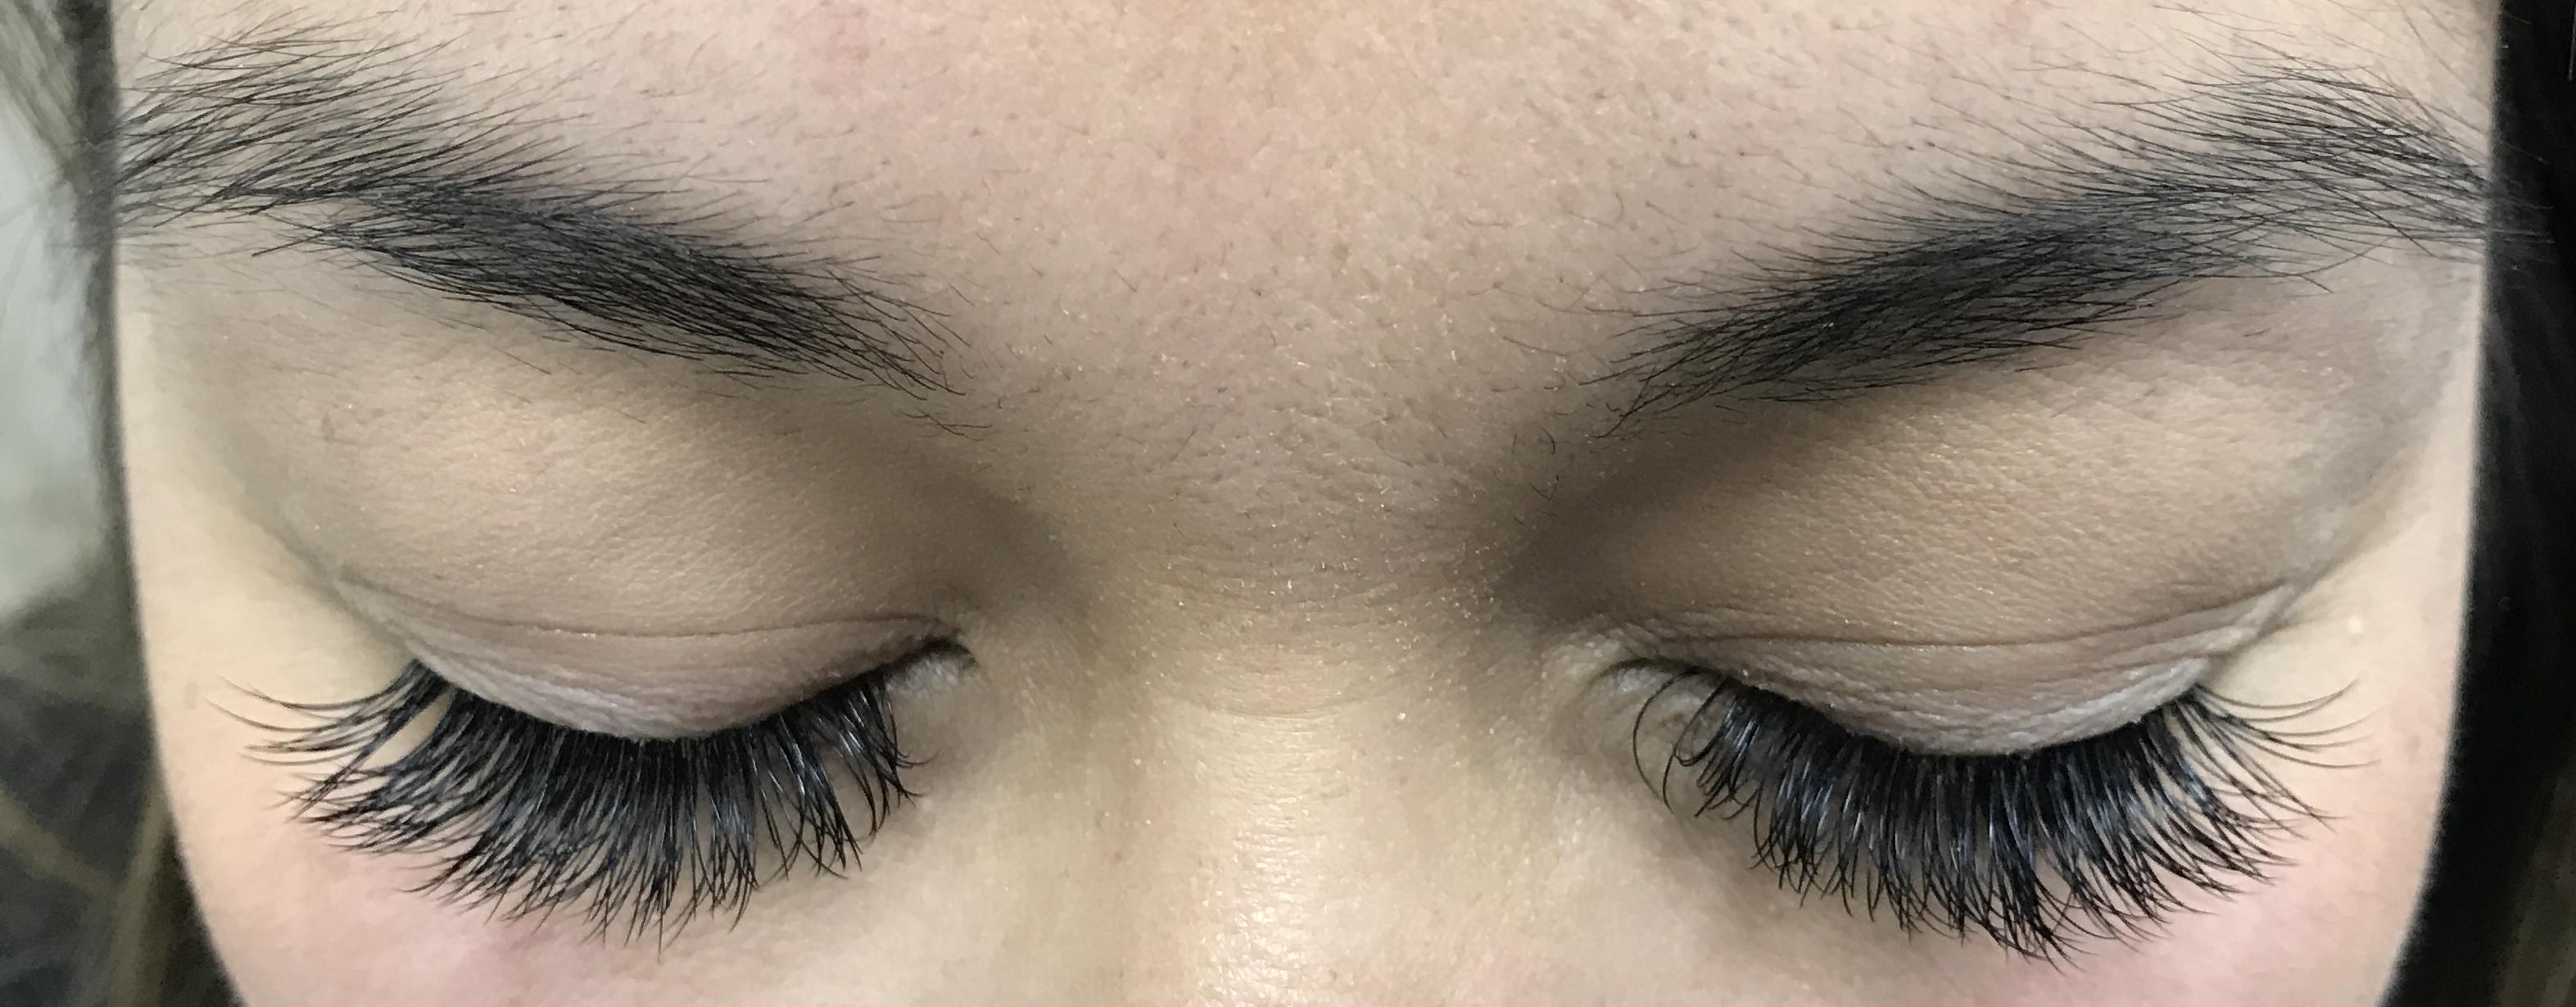 Full Eyelash Extension Refill